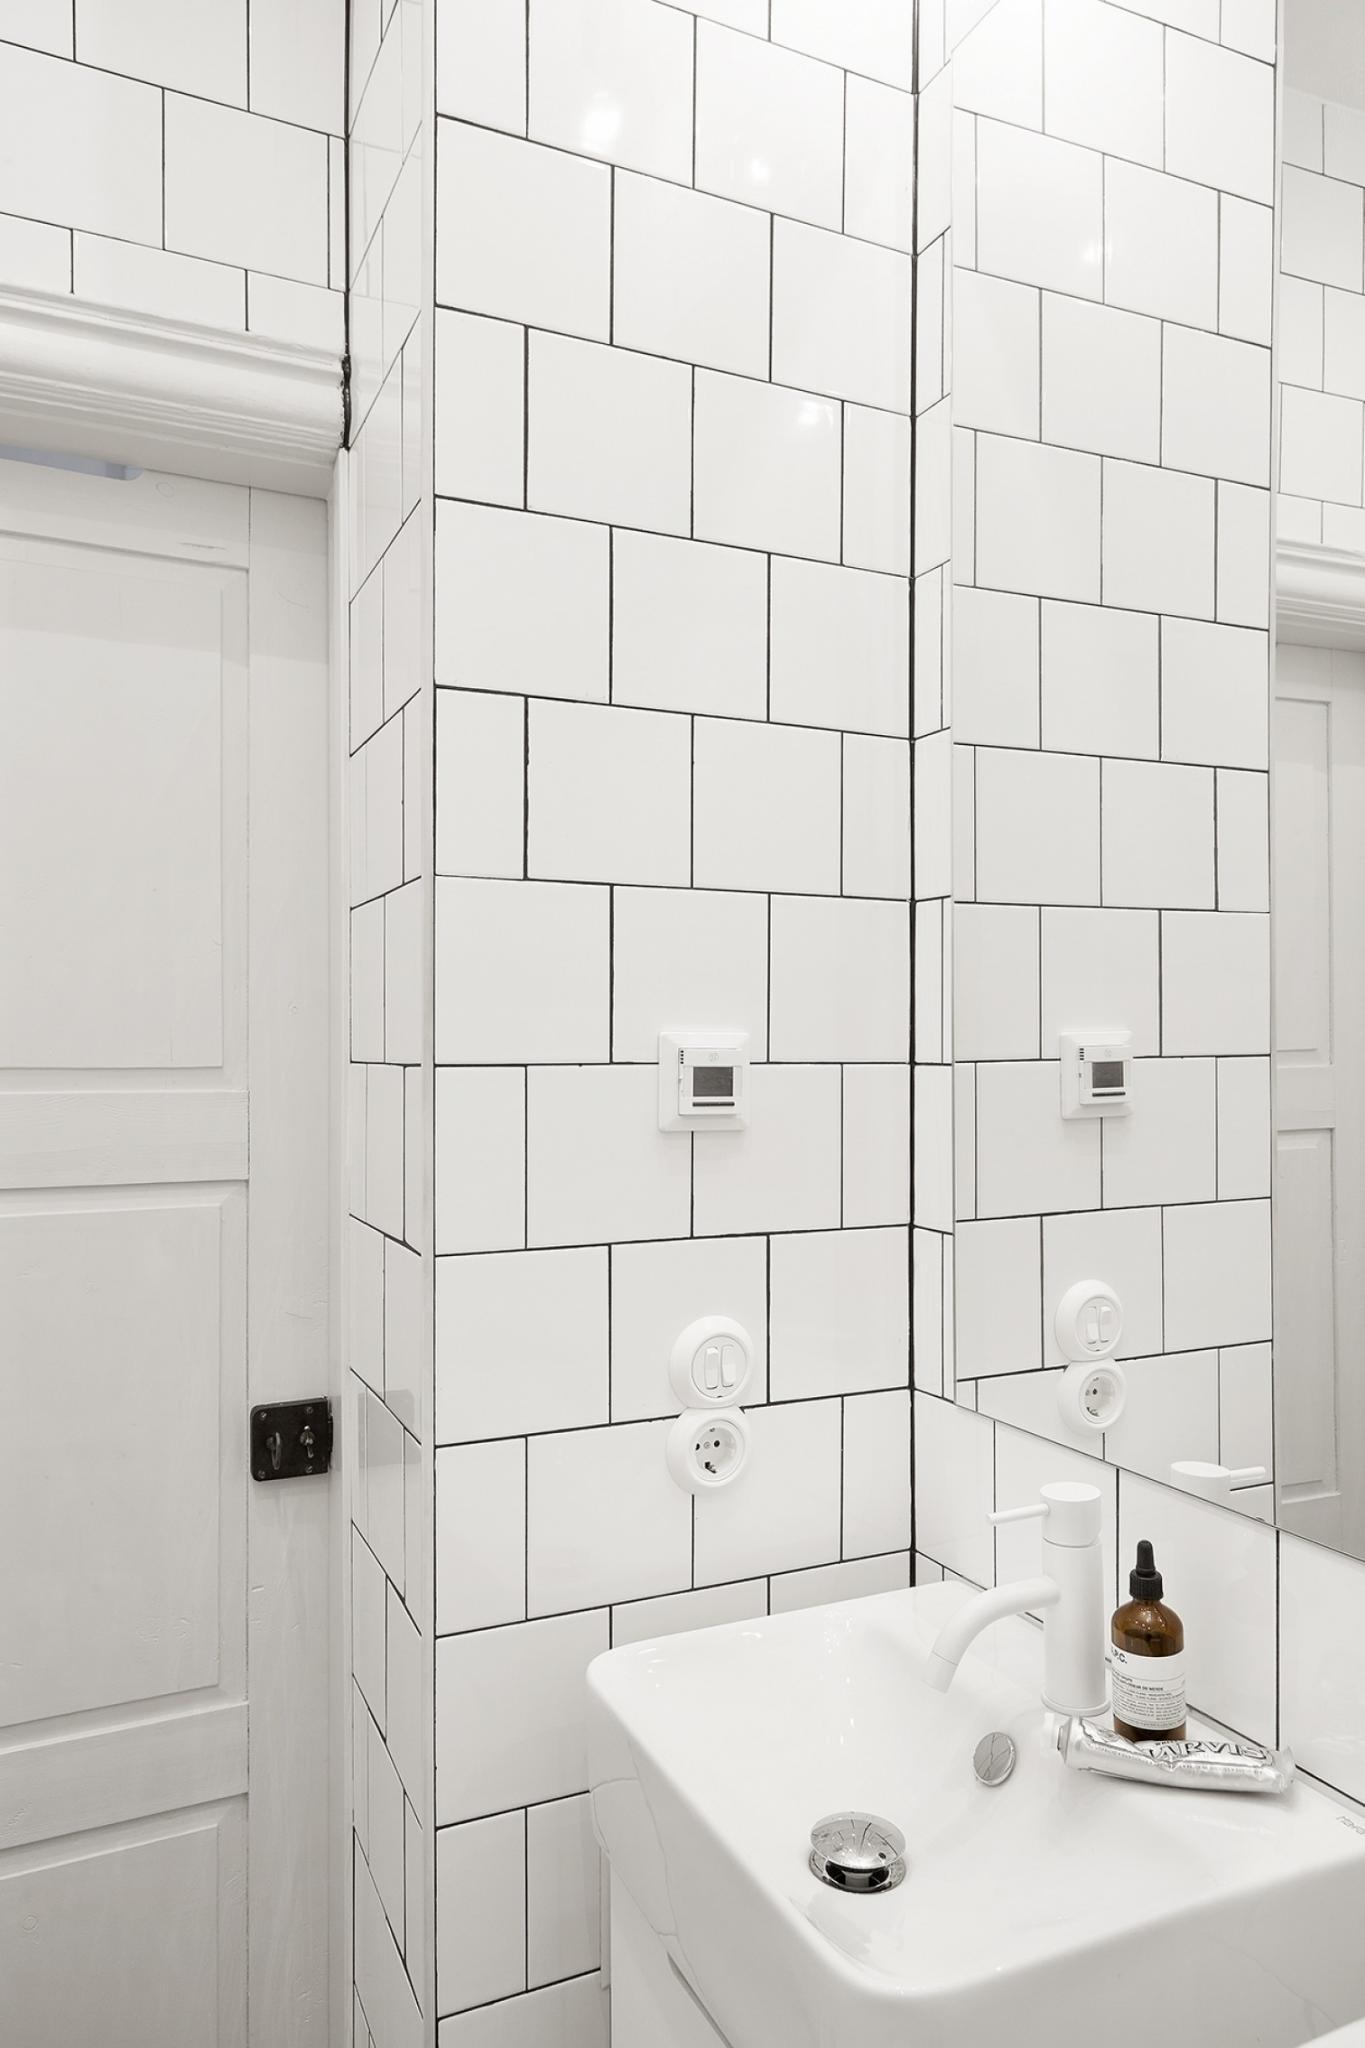 Mooie regendouche ontwerp inspiratie voor uw badkamer meubels thuis - Badkamer klein gebied m ...